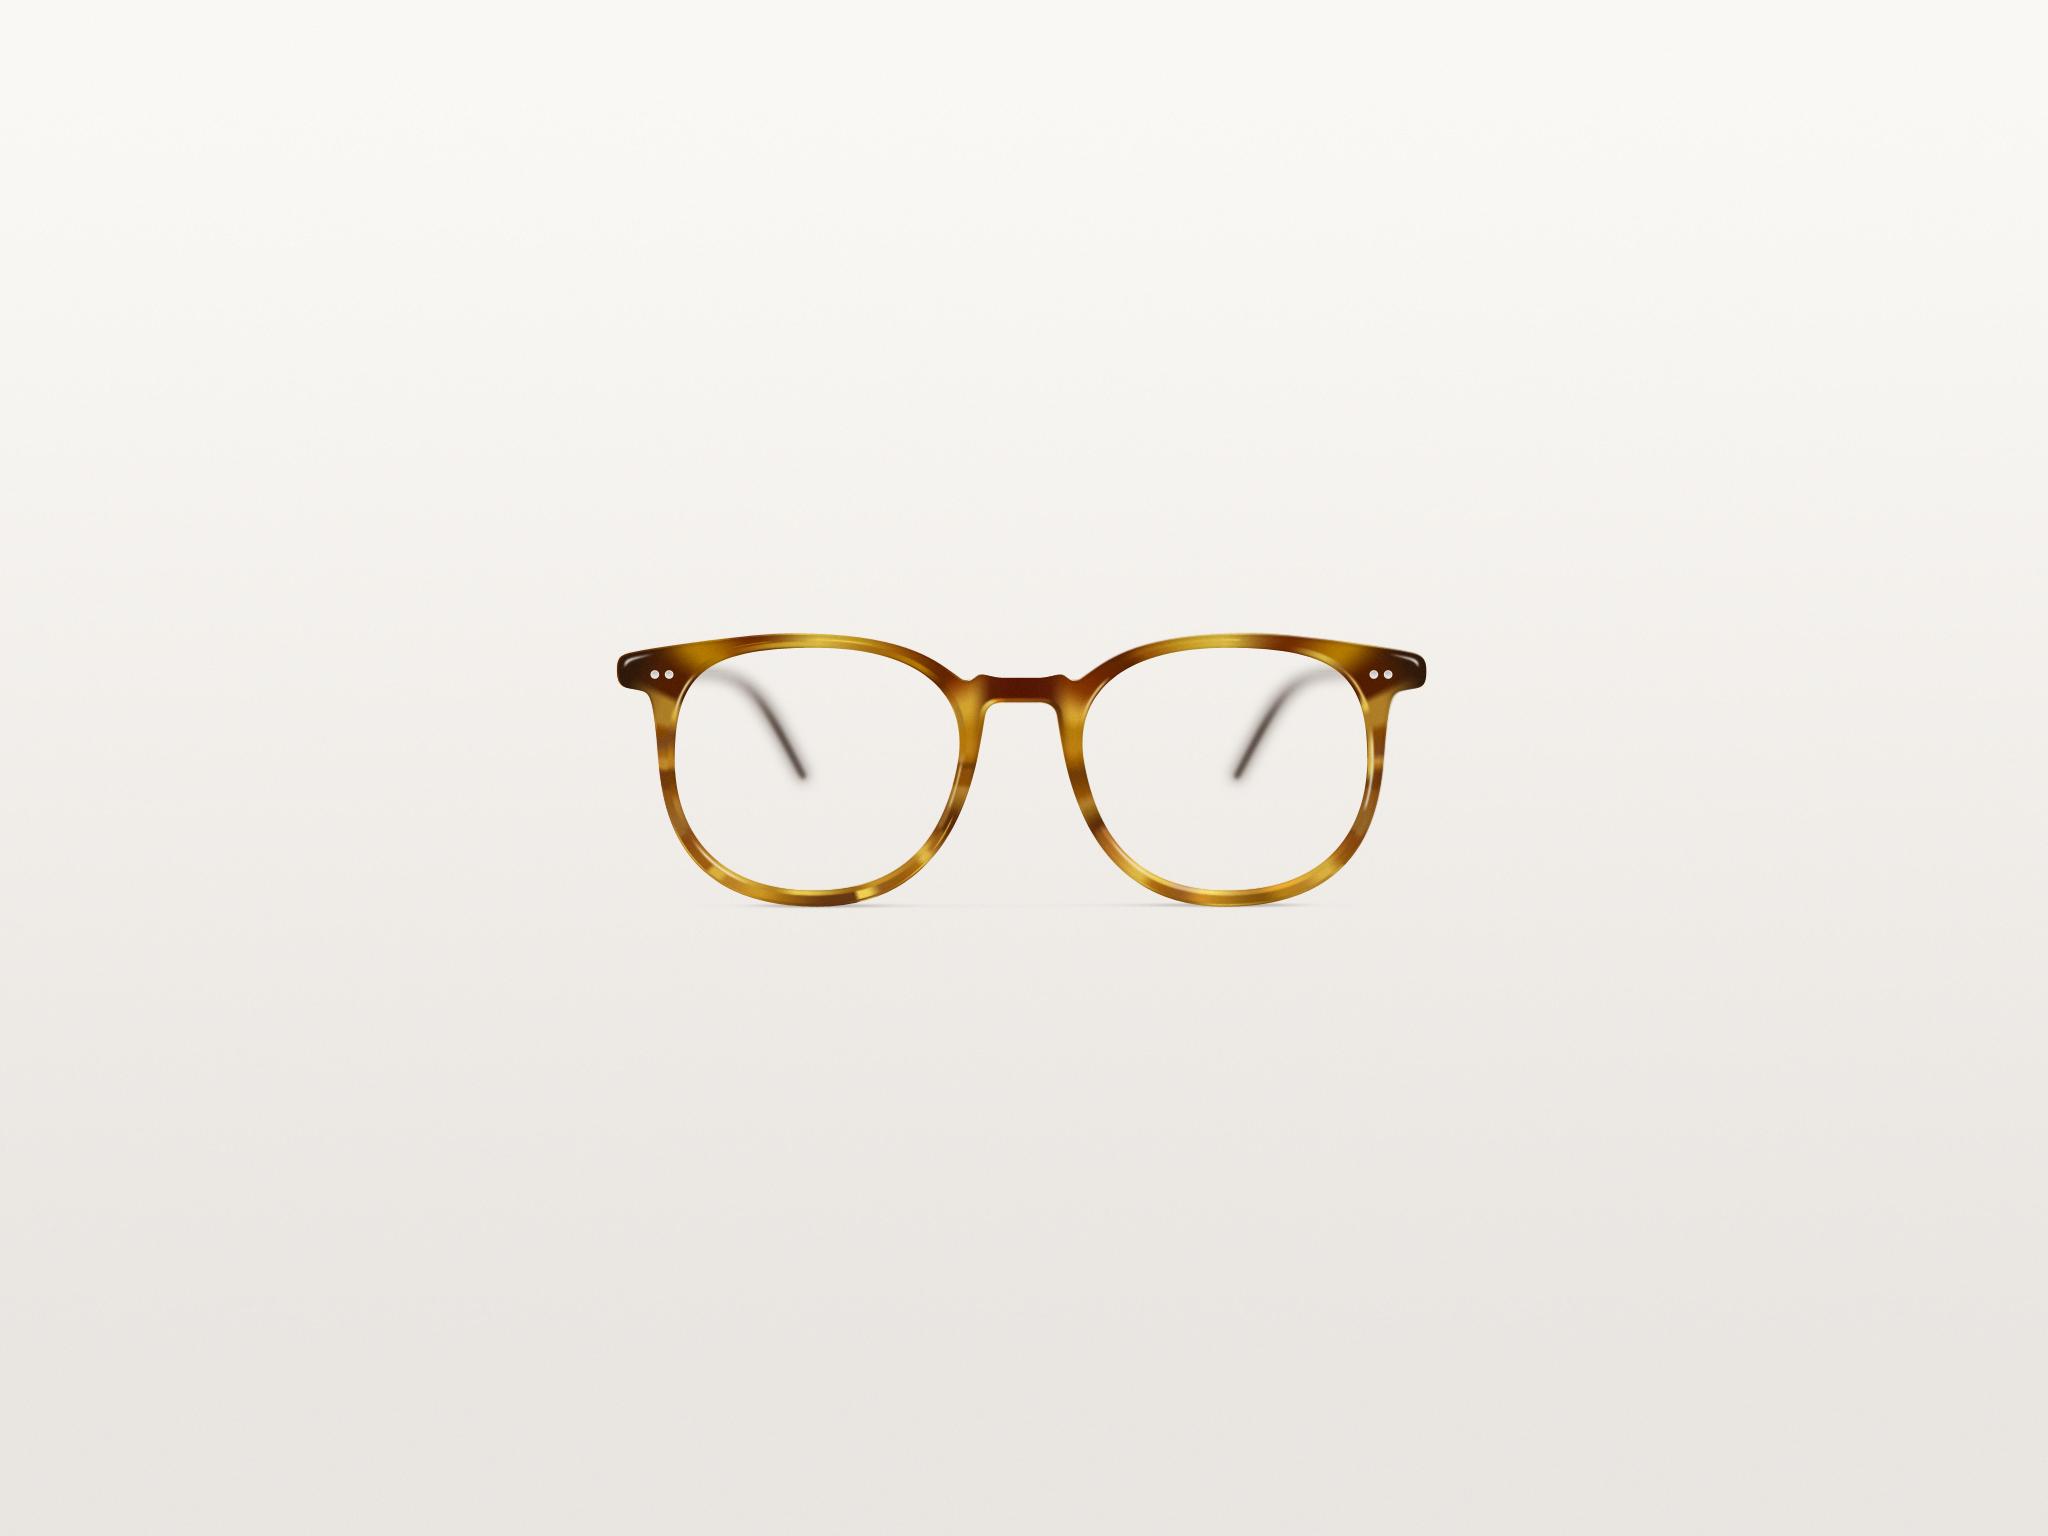 Garrett leight glasses full